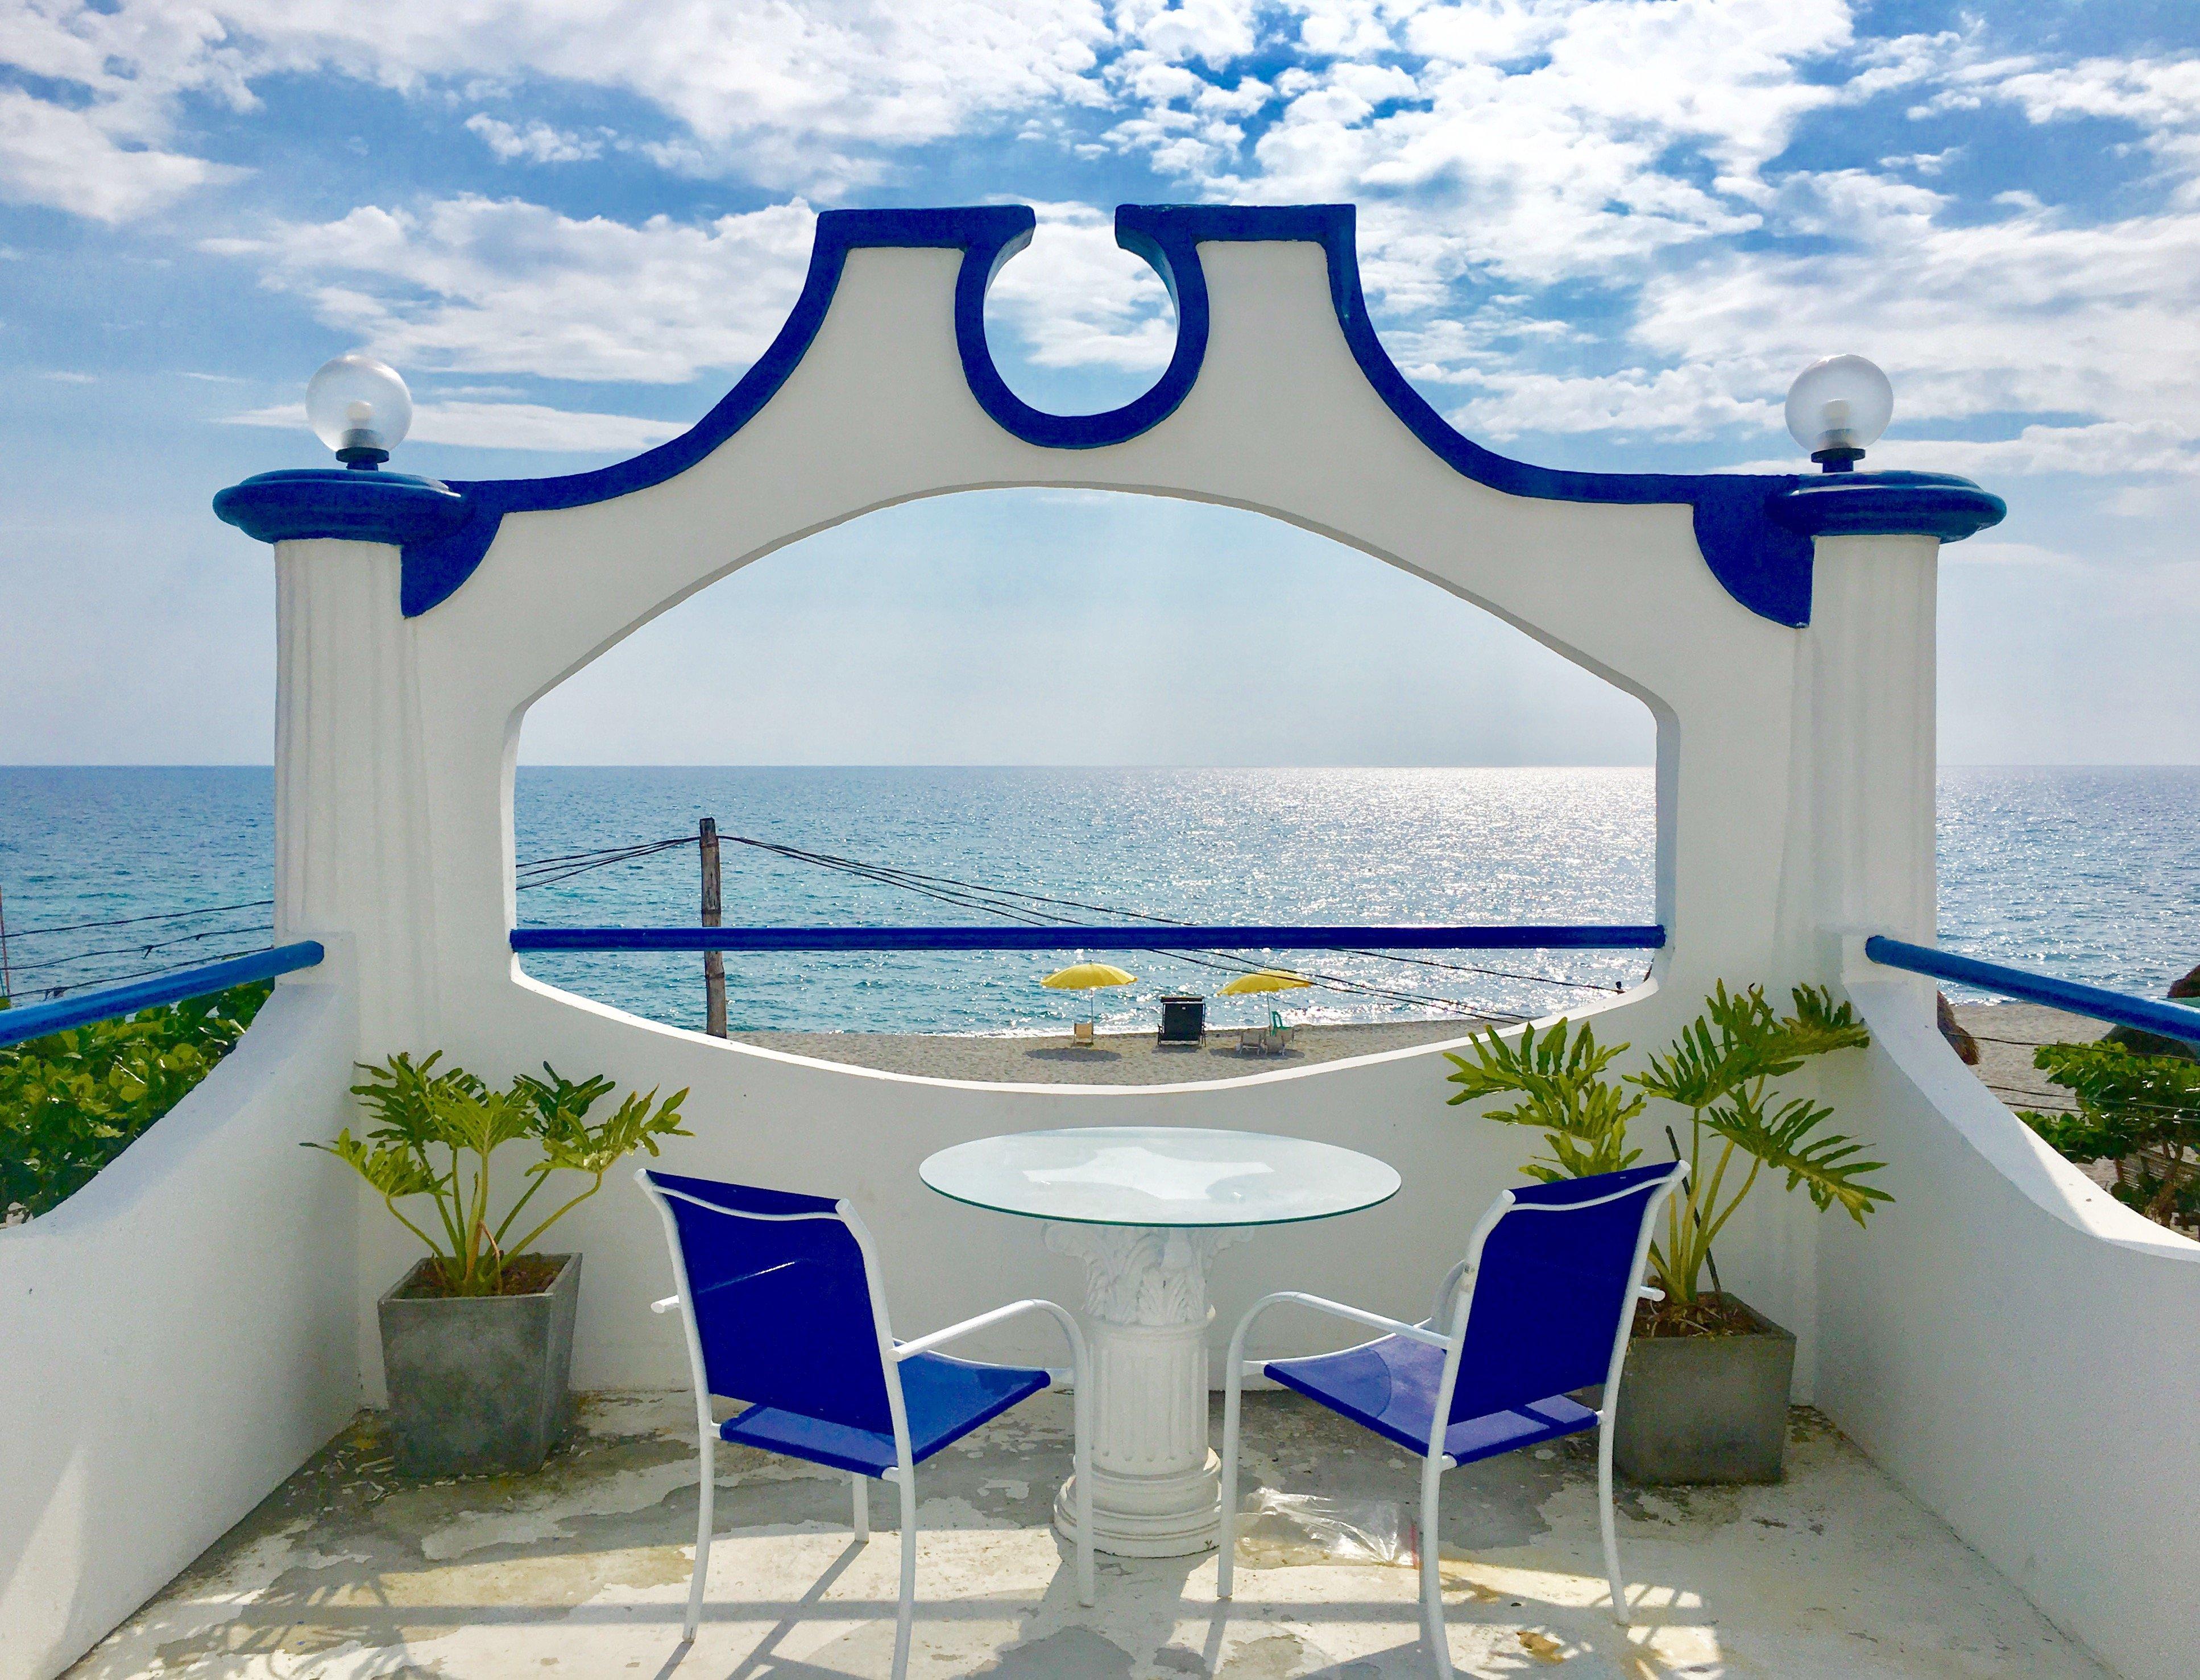 Club Monet Beachfront Resort